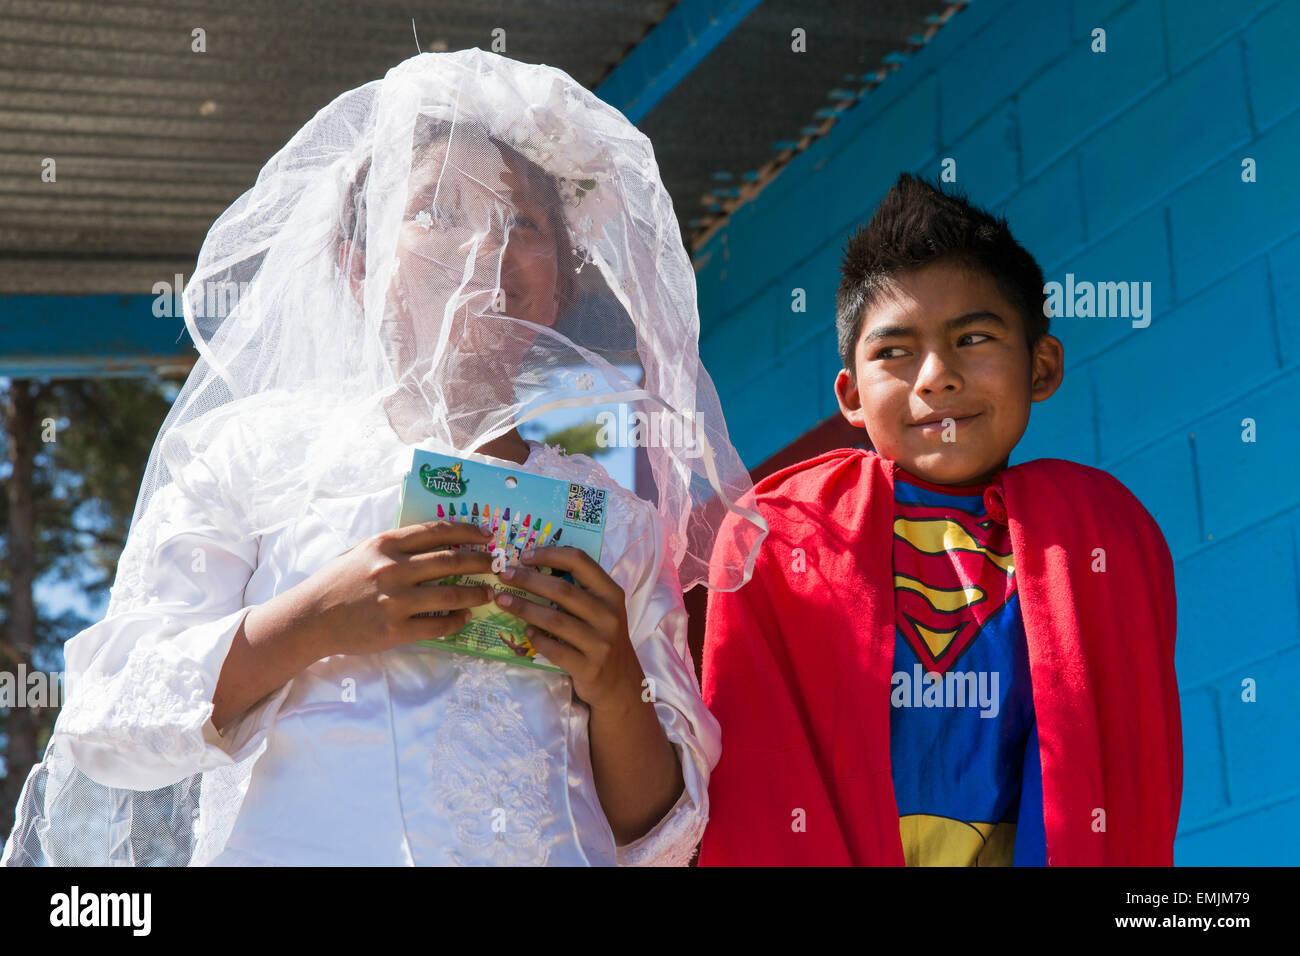 Guatemala,Jalapa, deux enfants habillés en costume pour le carnaval Photo Stock